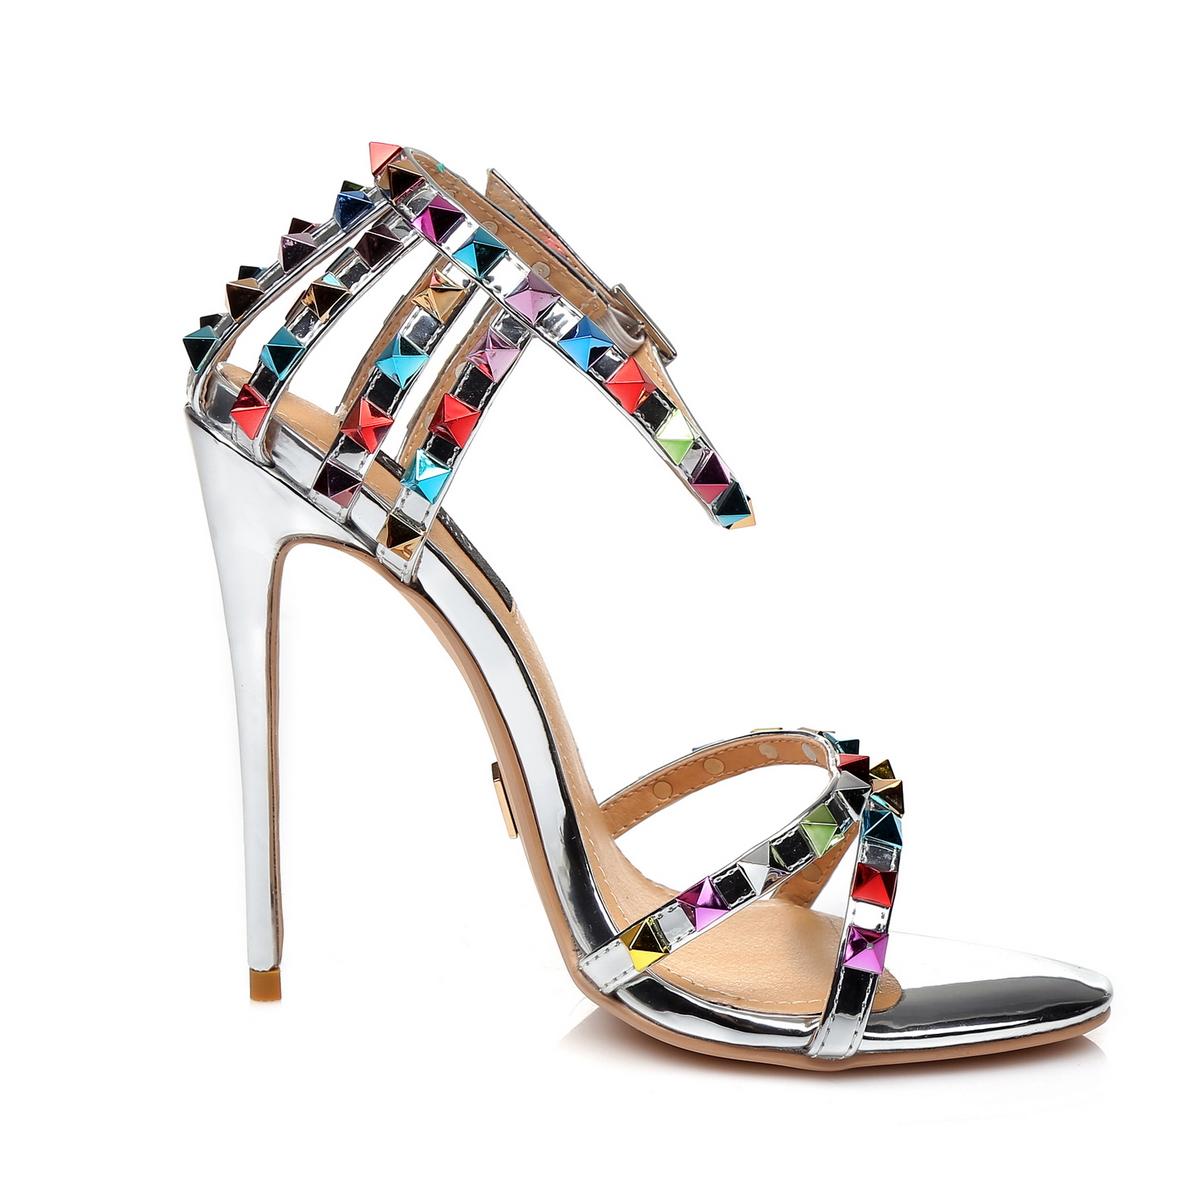 GIARO - Damen High Heel Sandalatten - Silber Schuhe in Übergrößen – Bild 4